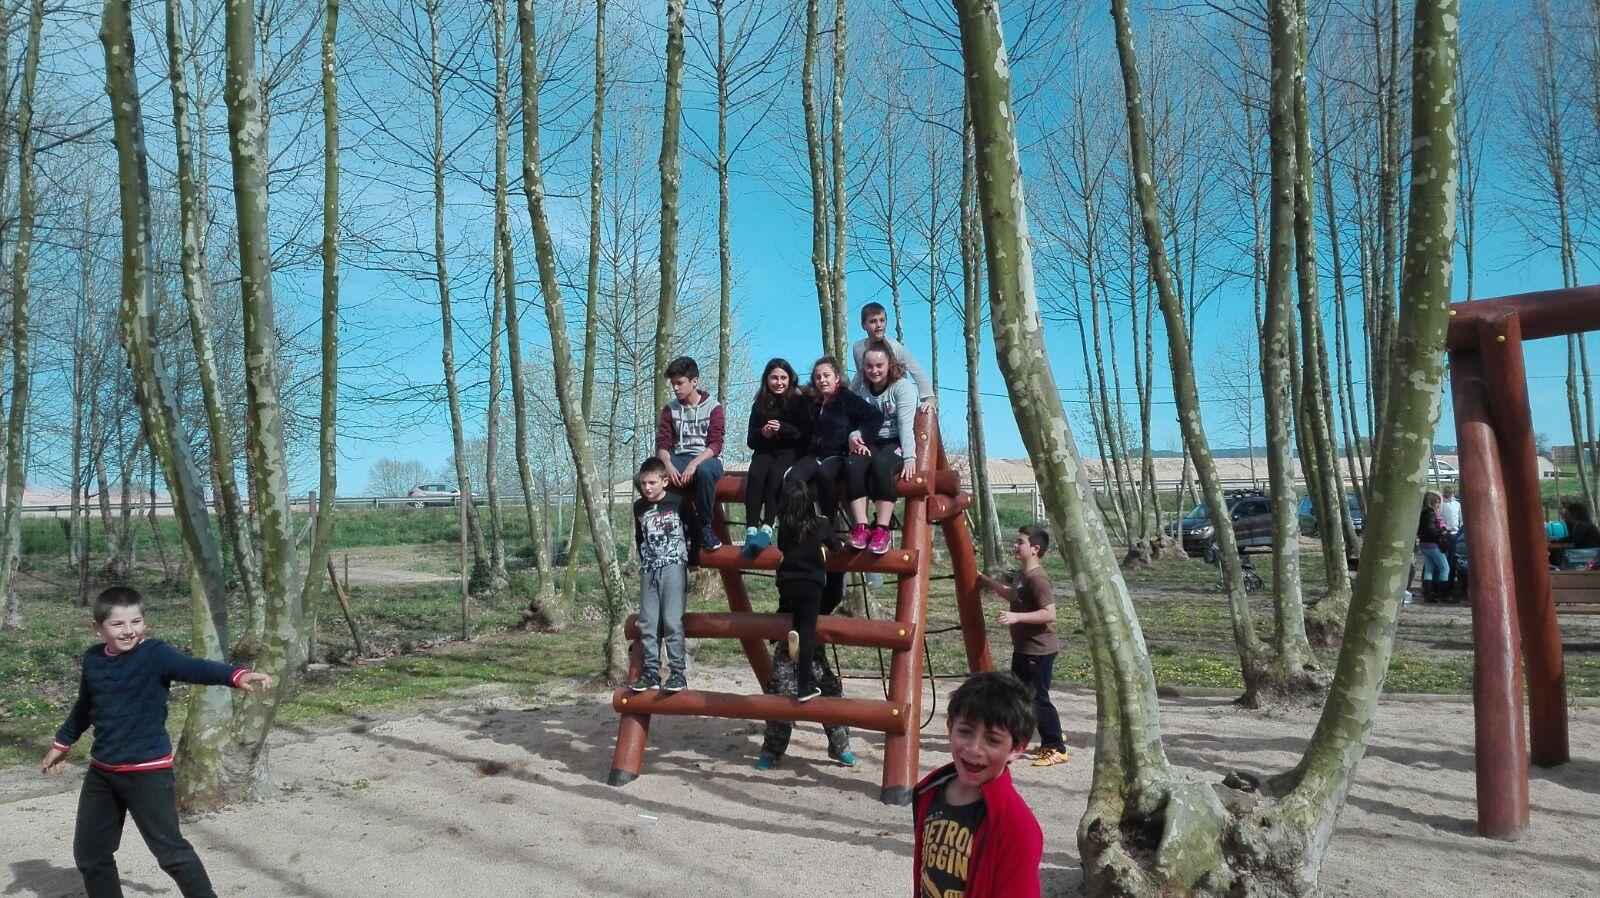 nens jugant a la trepa picnic les 3 flors